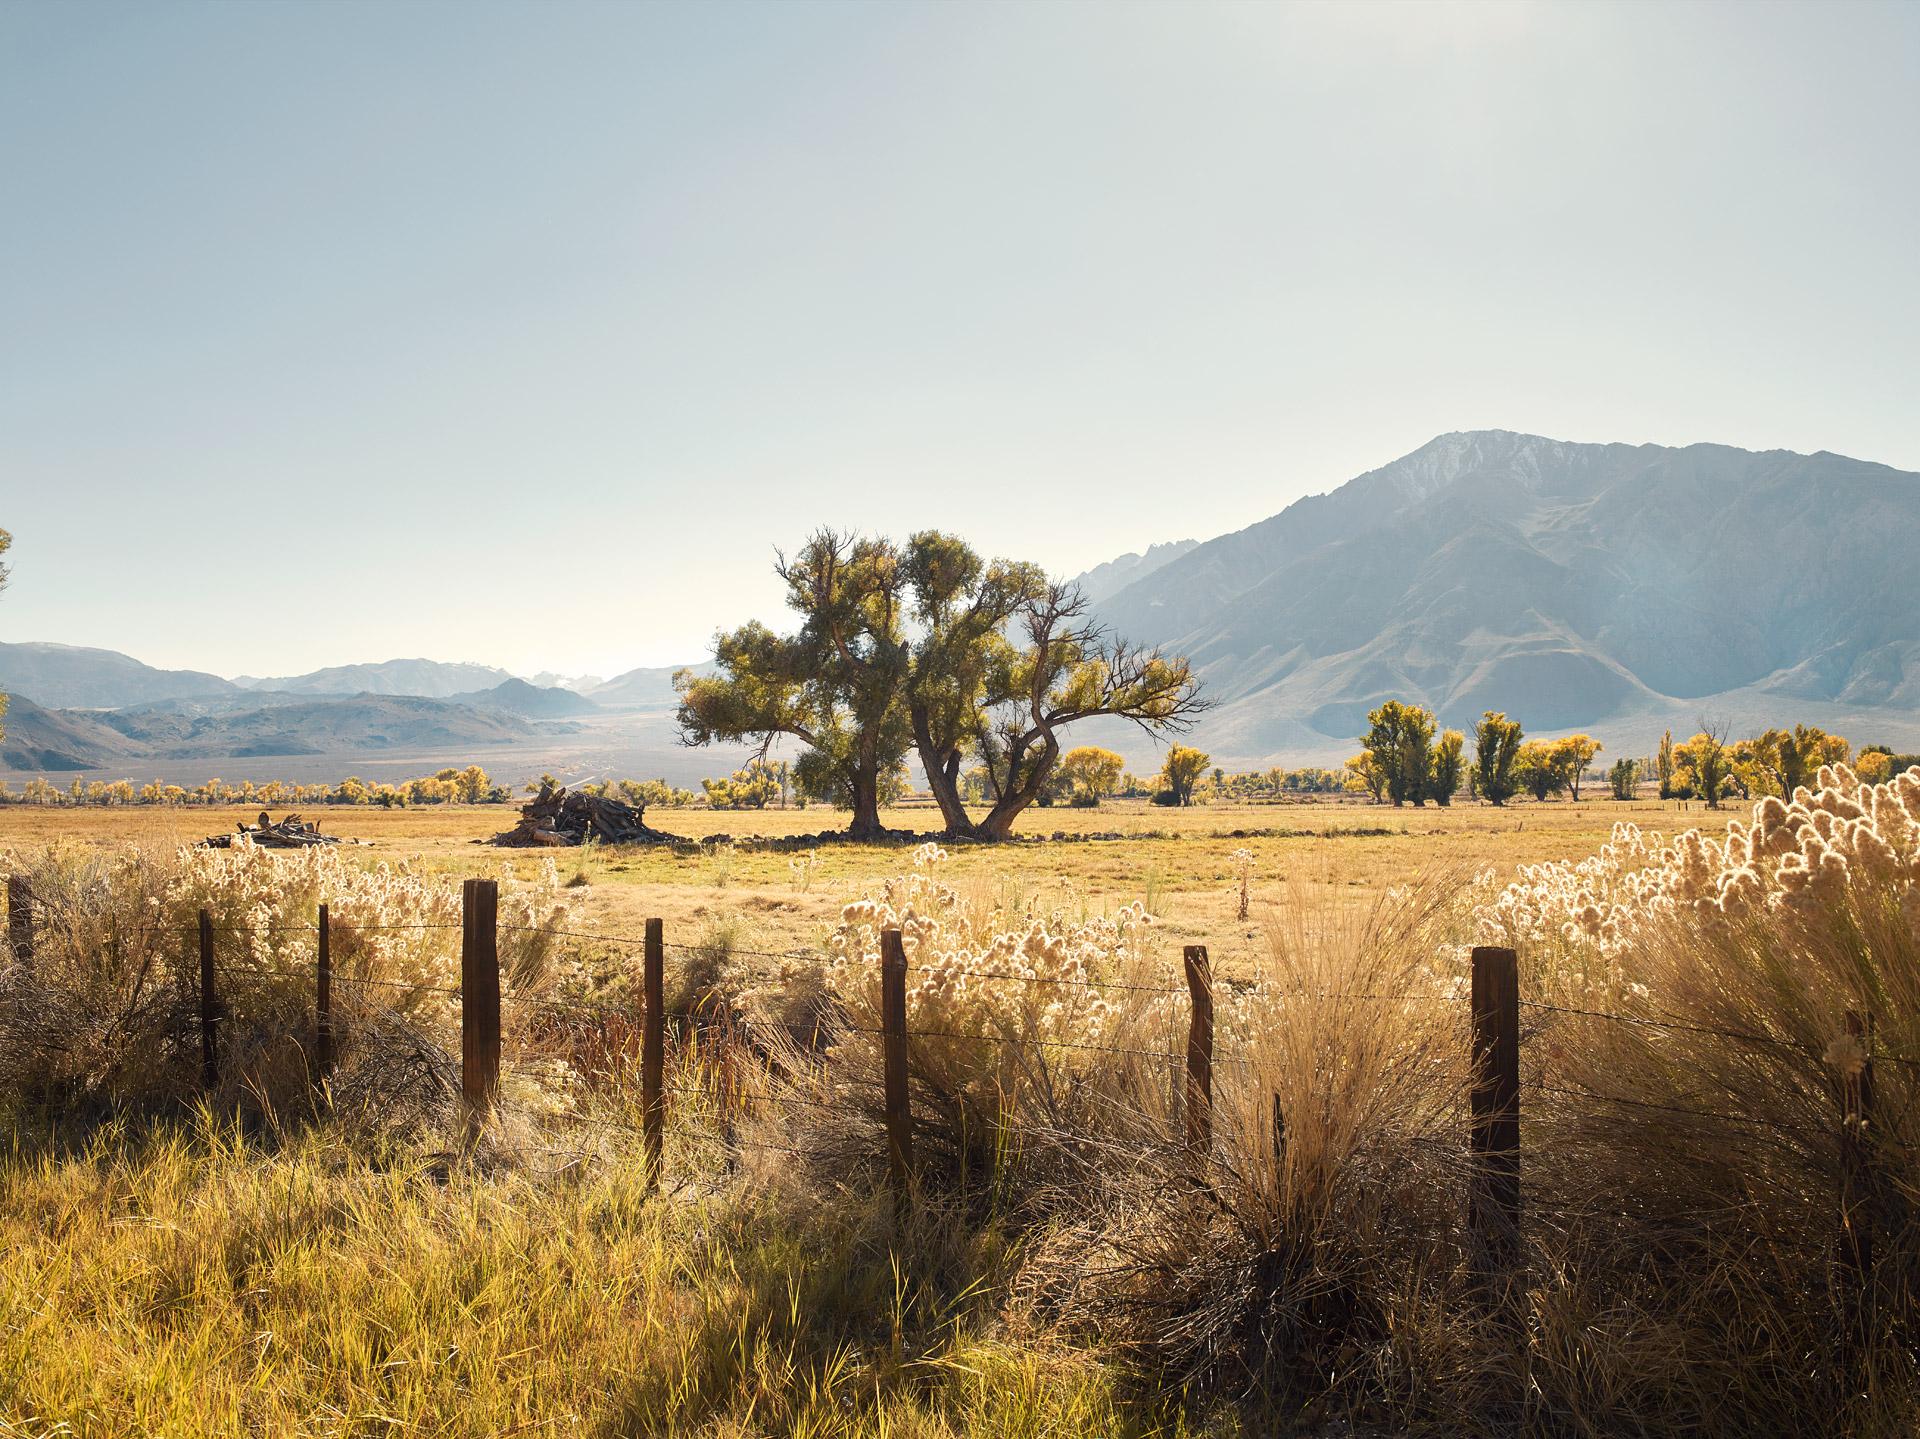 CA_LandscapeCF006448